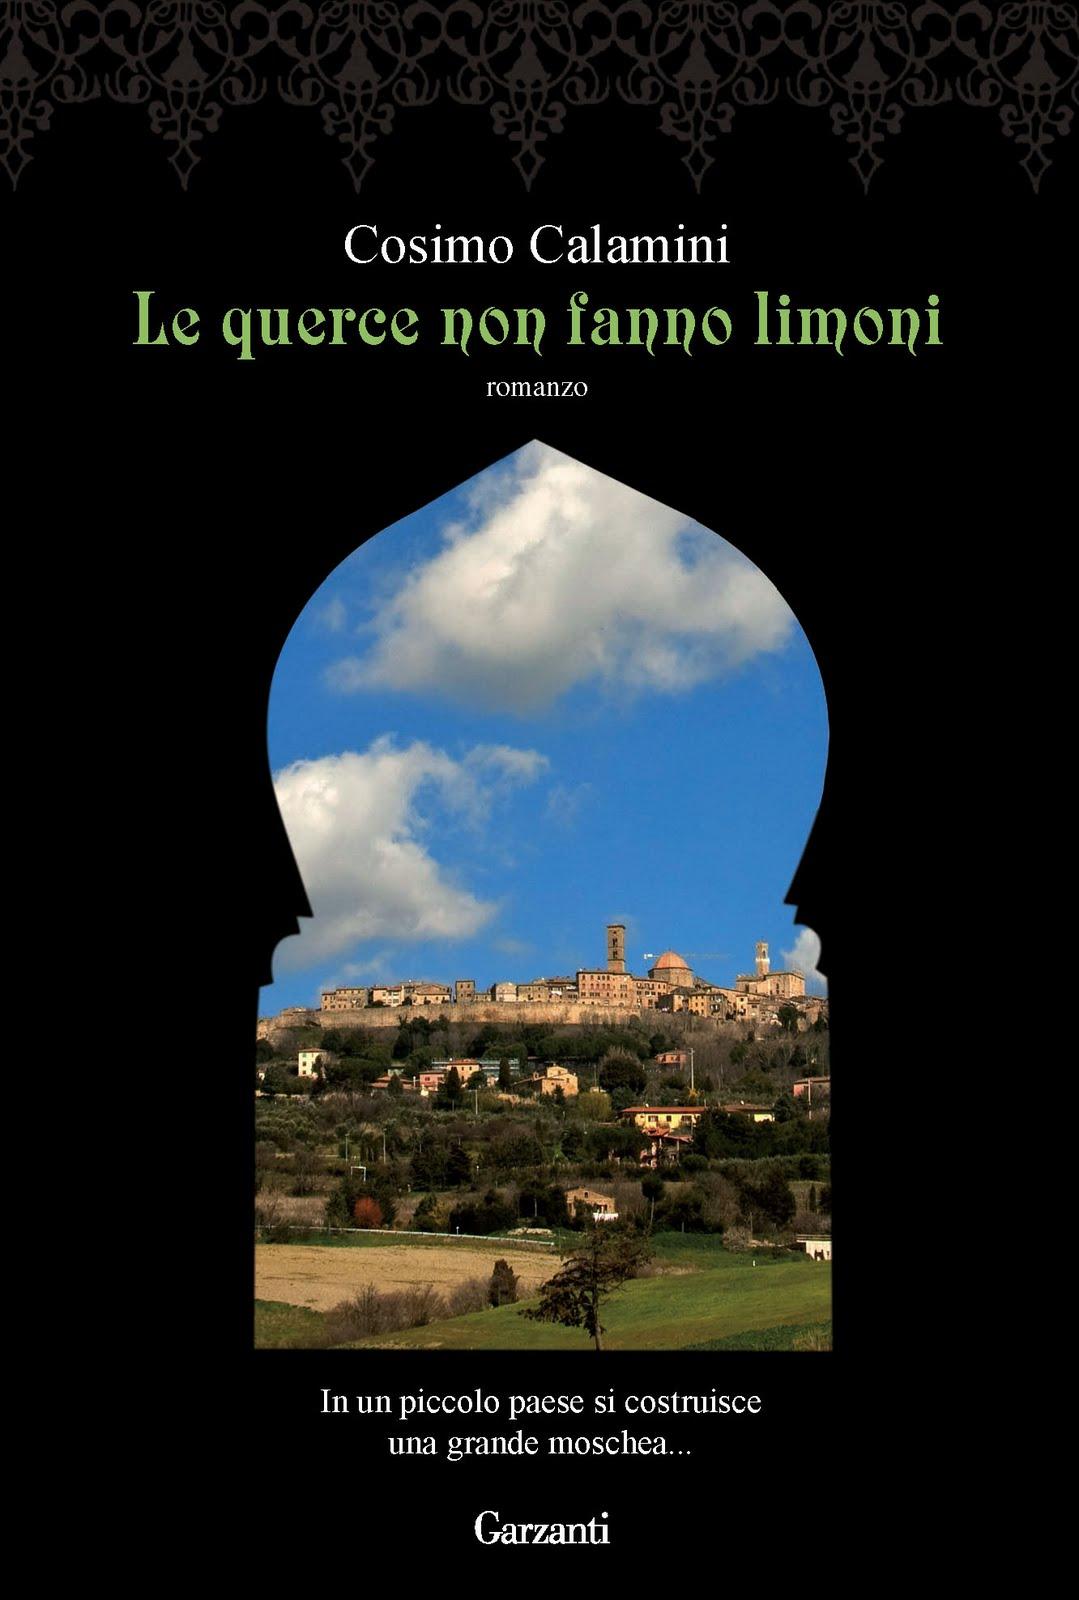 Non solo Ground Zero, l'Islam globale nell'Italia profonda